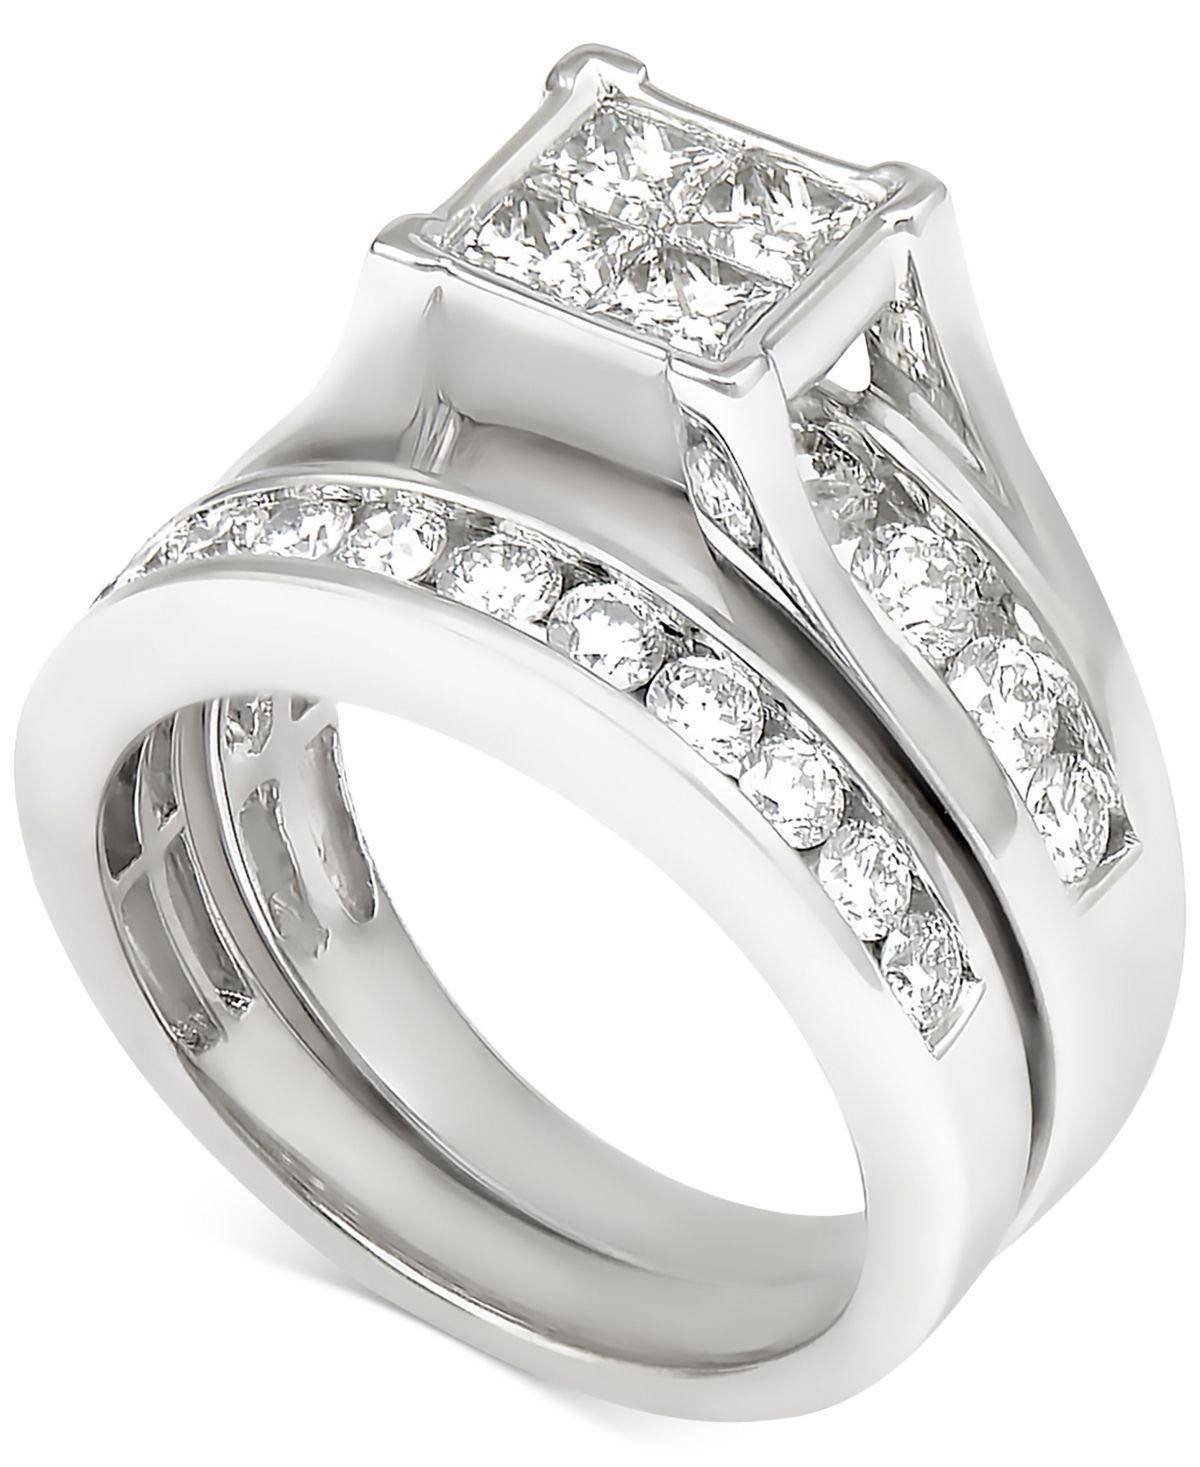 Diamond Quad Bridal Set 2 Ct T W In 14k White Gold White